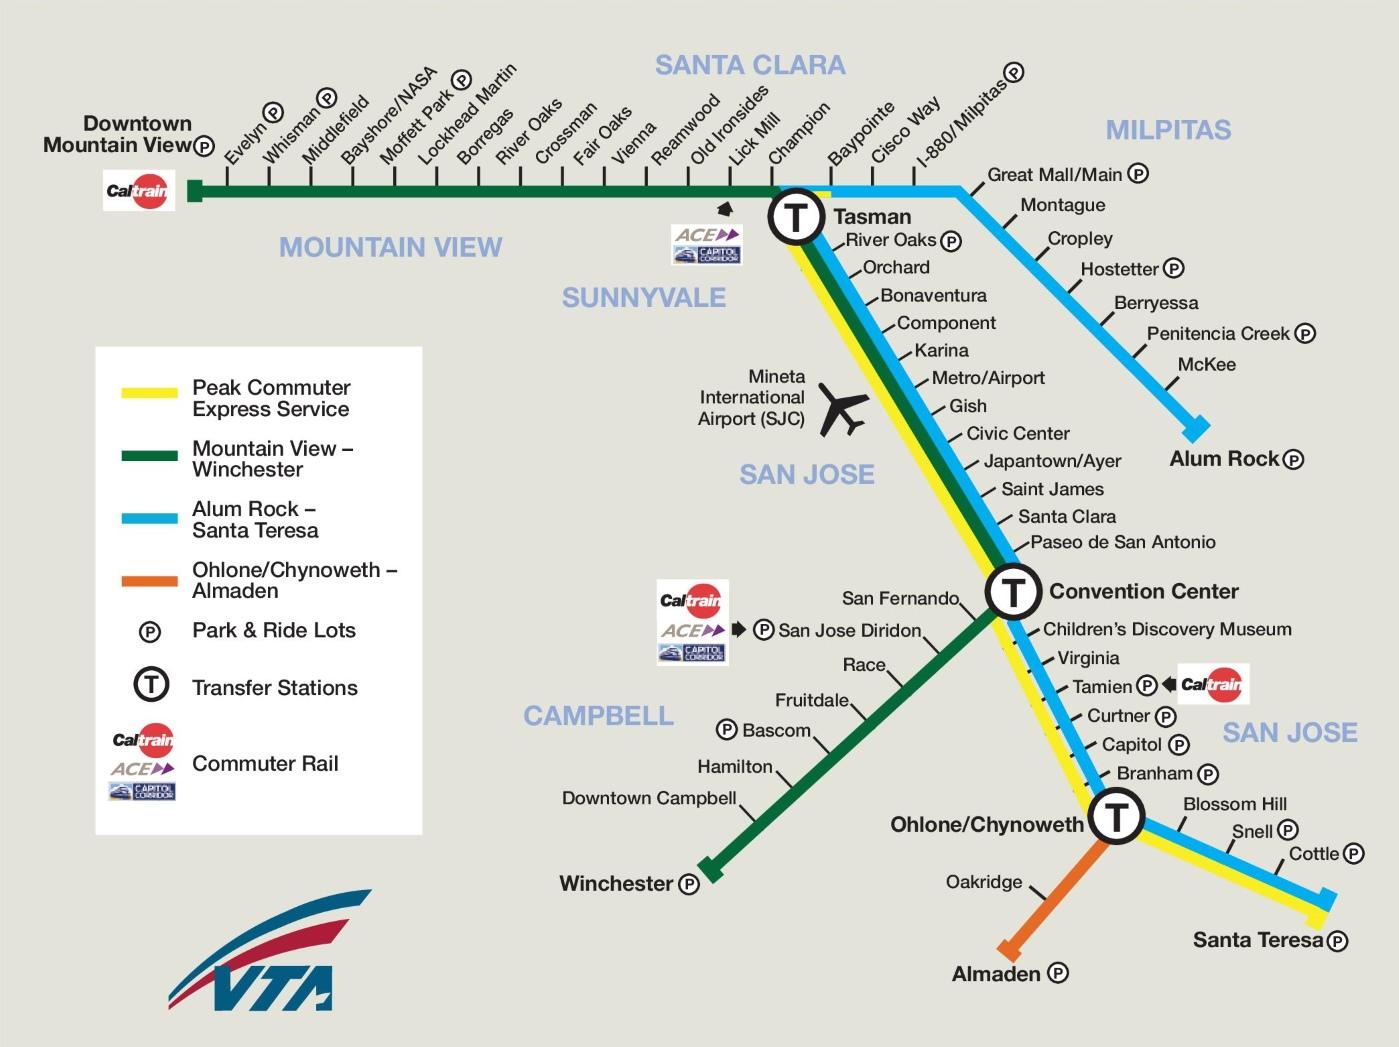 san jose area rail map. san jose rail map